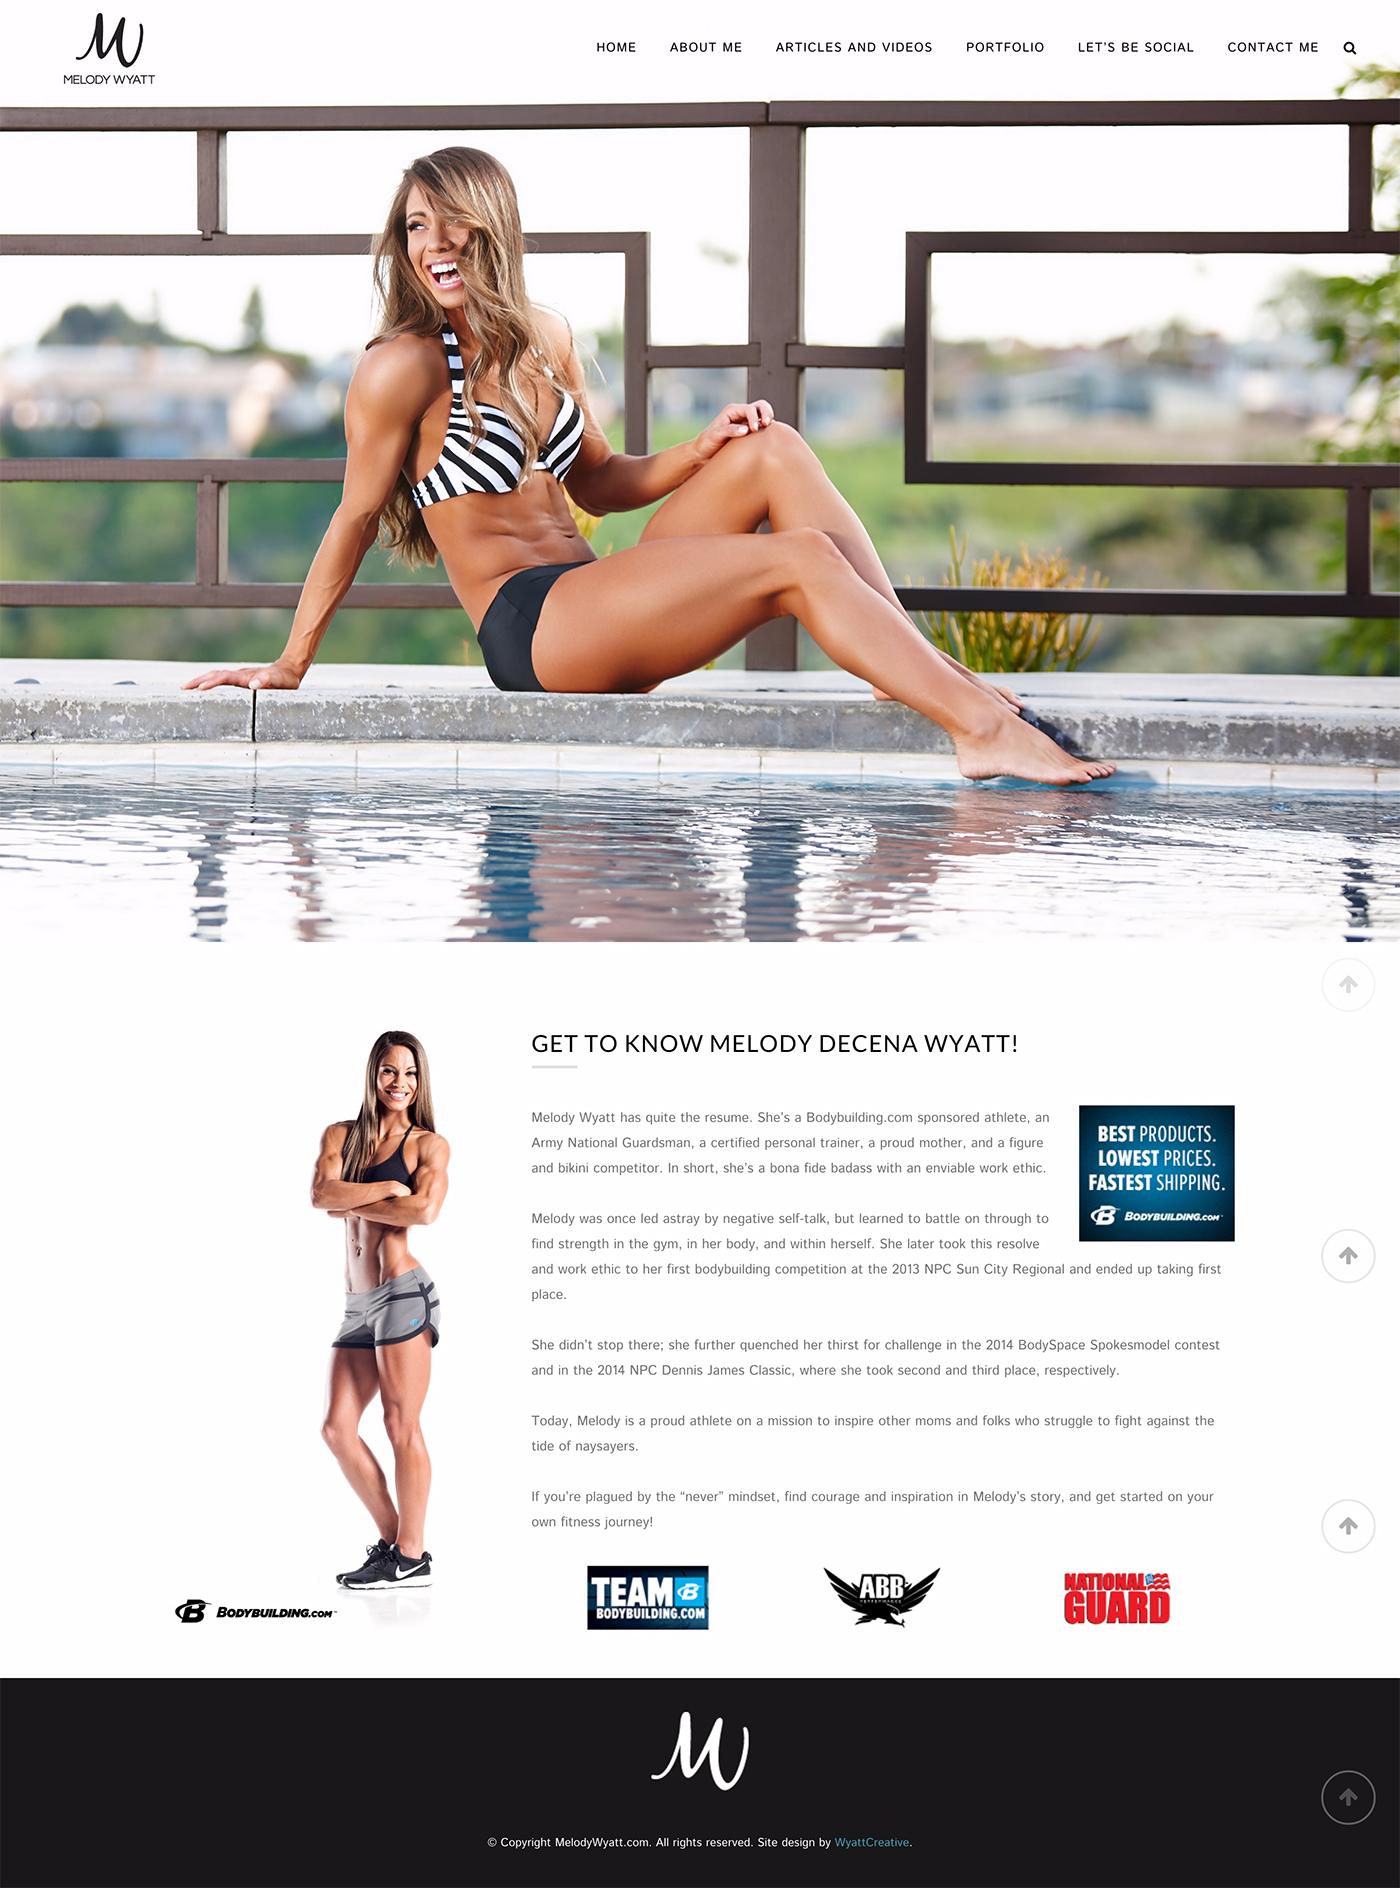 Melody Wyatt website design